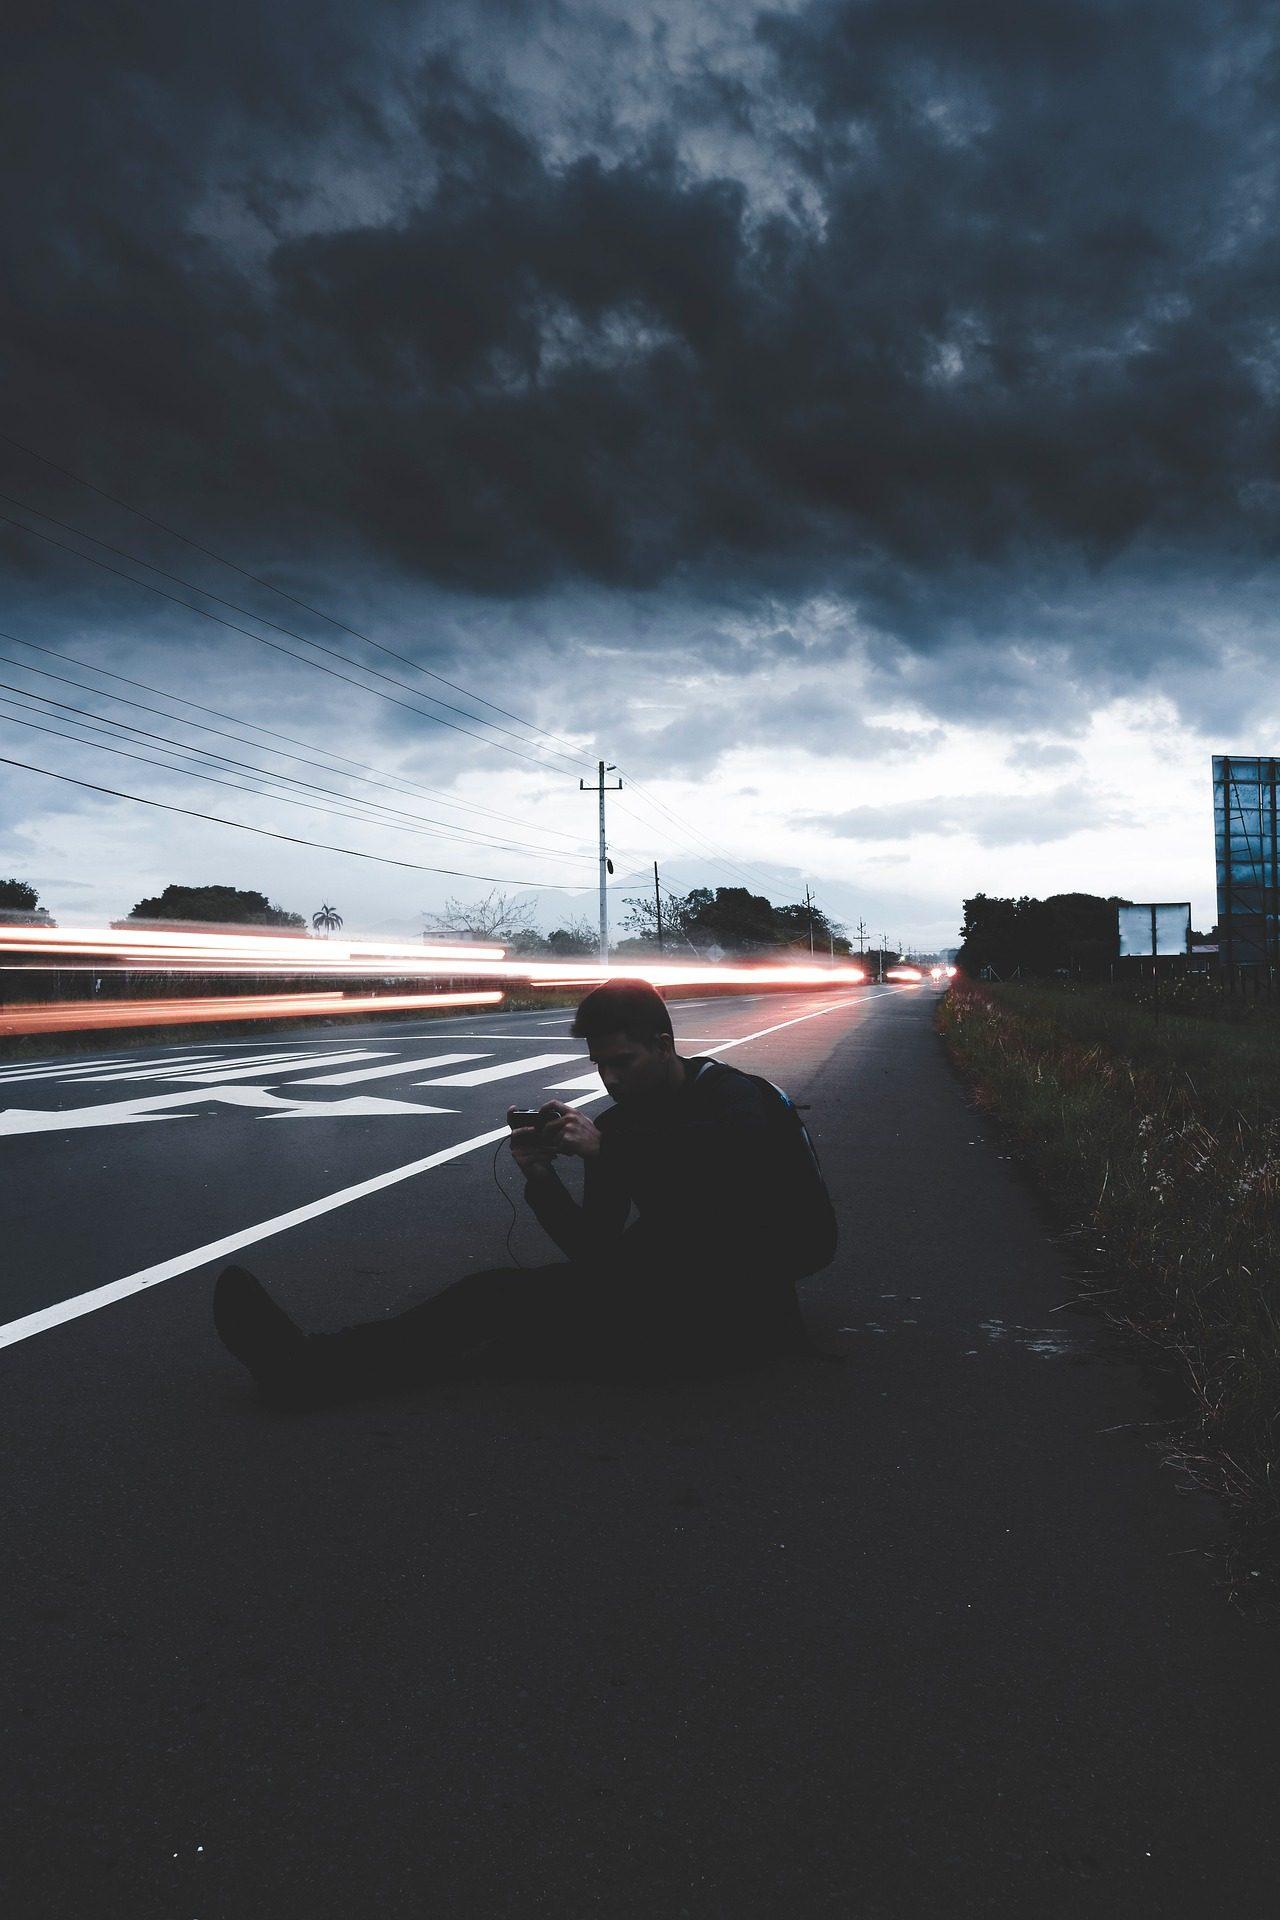 carretera, 道路, 灯, 男子, 剪影 - 高清壁纸 - 教授-falken.com